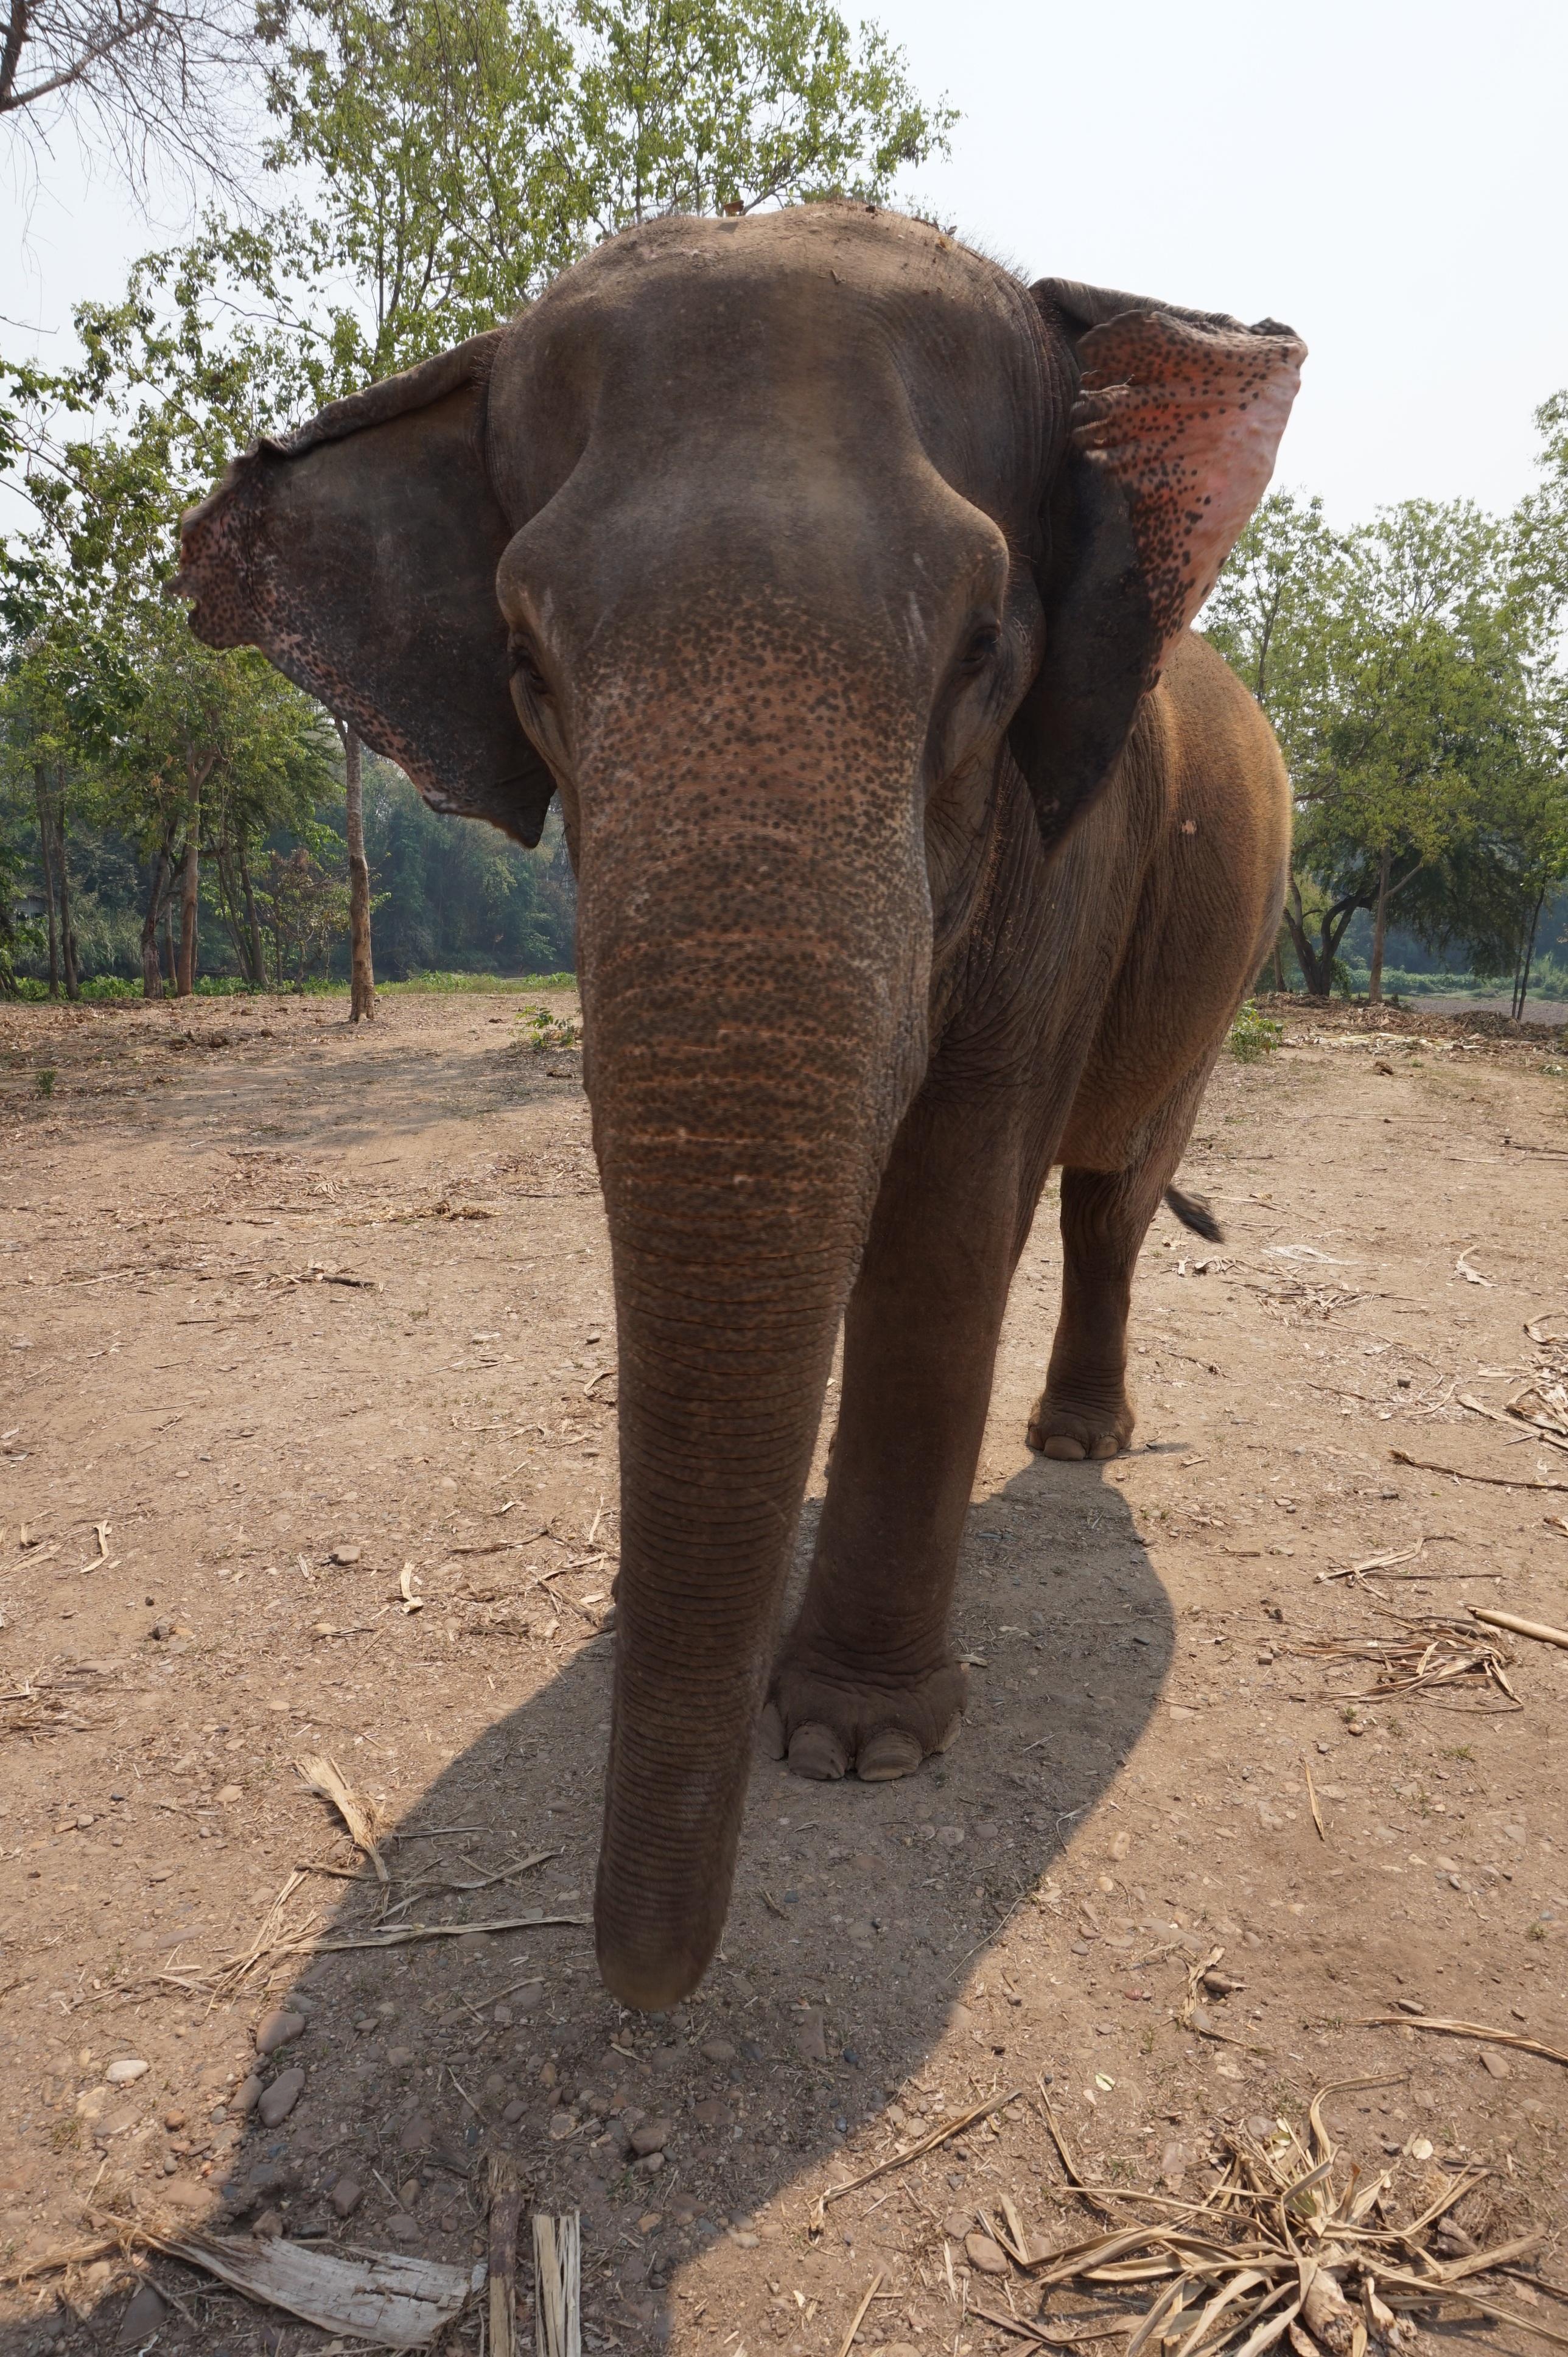 6600 Gambar Hewan Yang Ada Di Asia Tenggara Gratis Terbaik